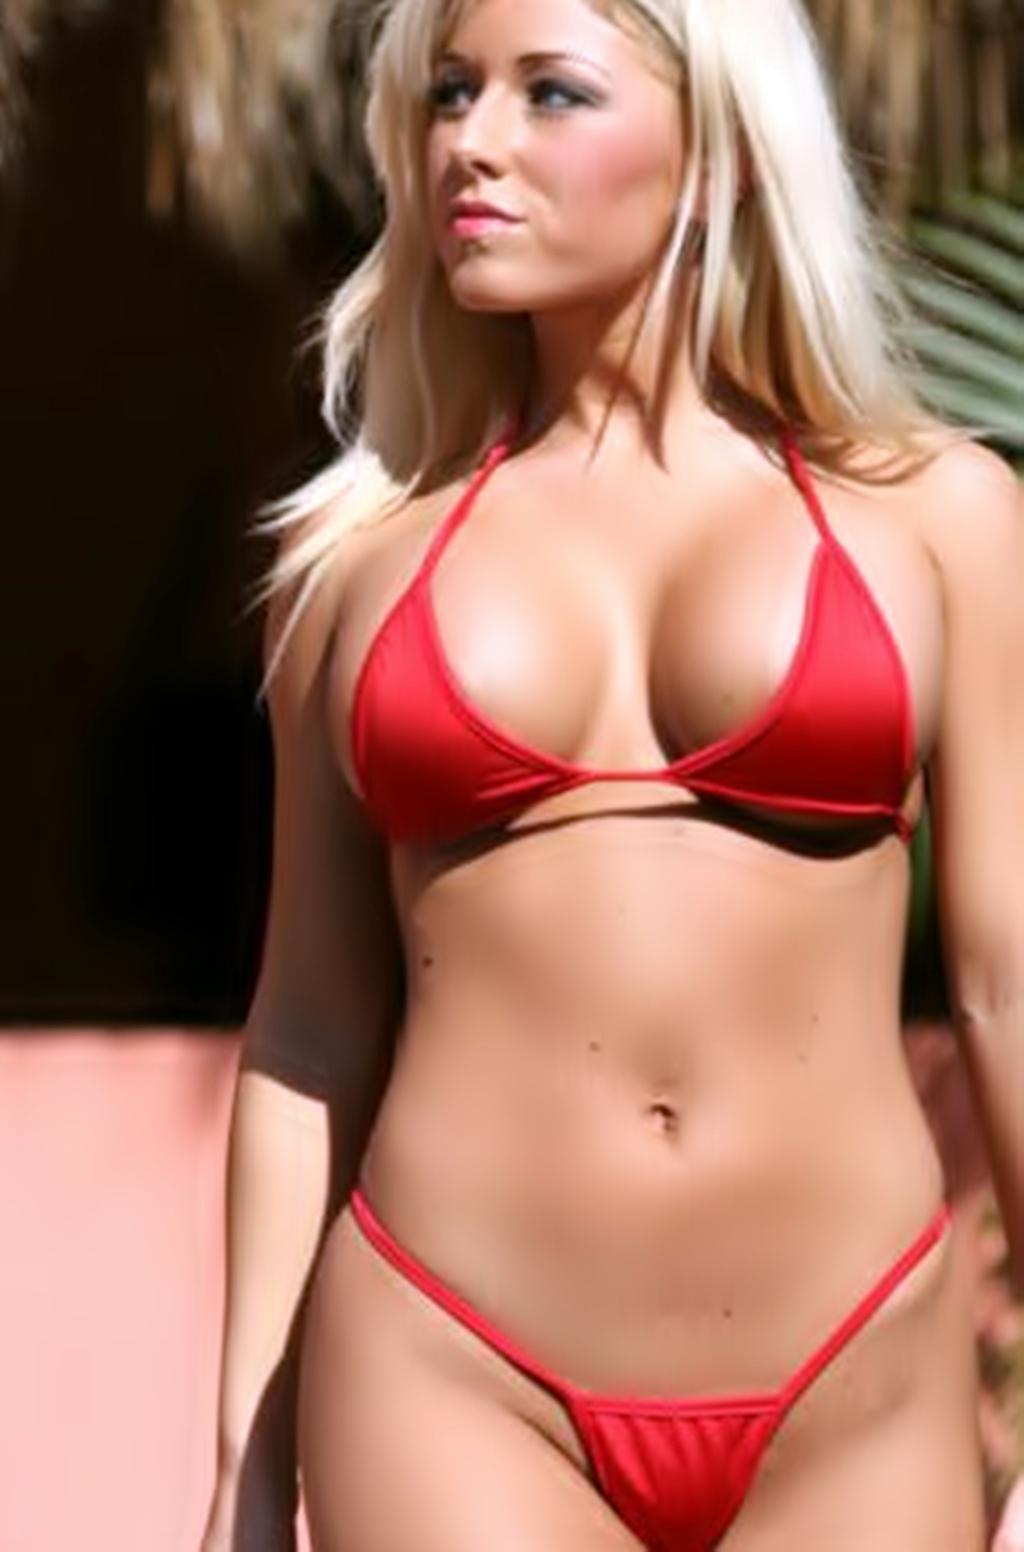 Micro bikini game babe exposed movie